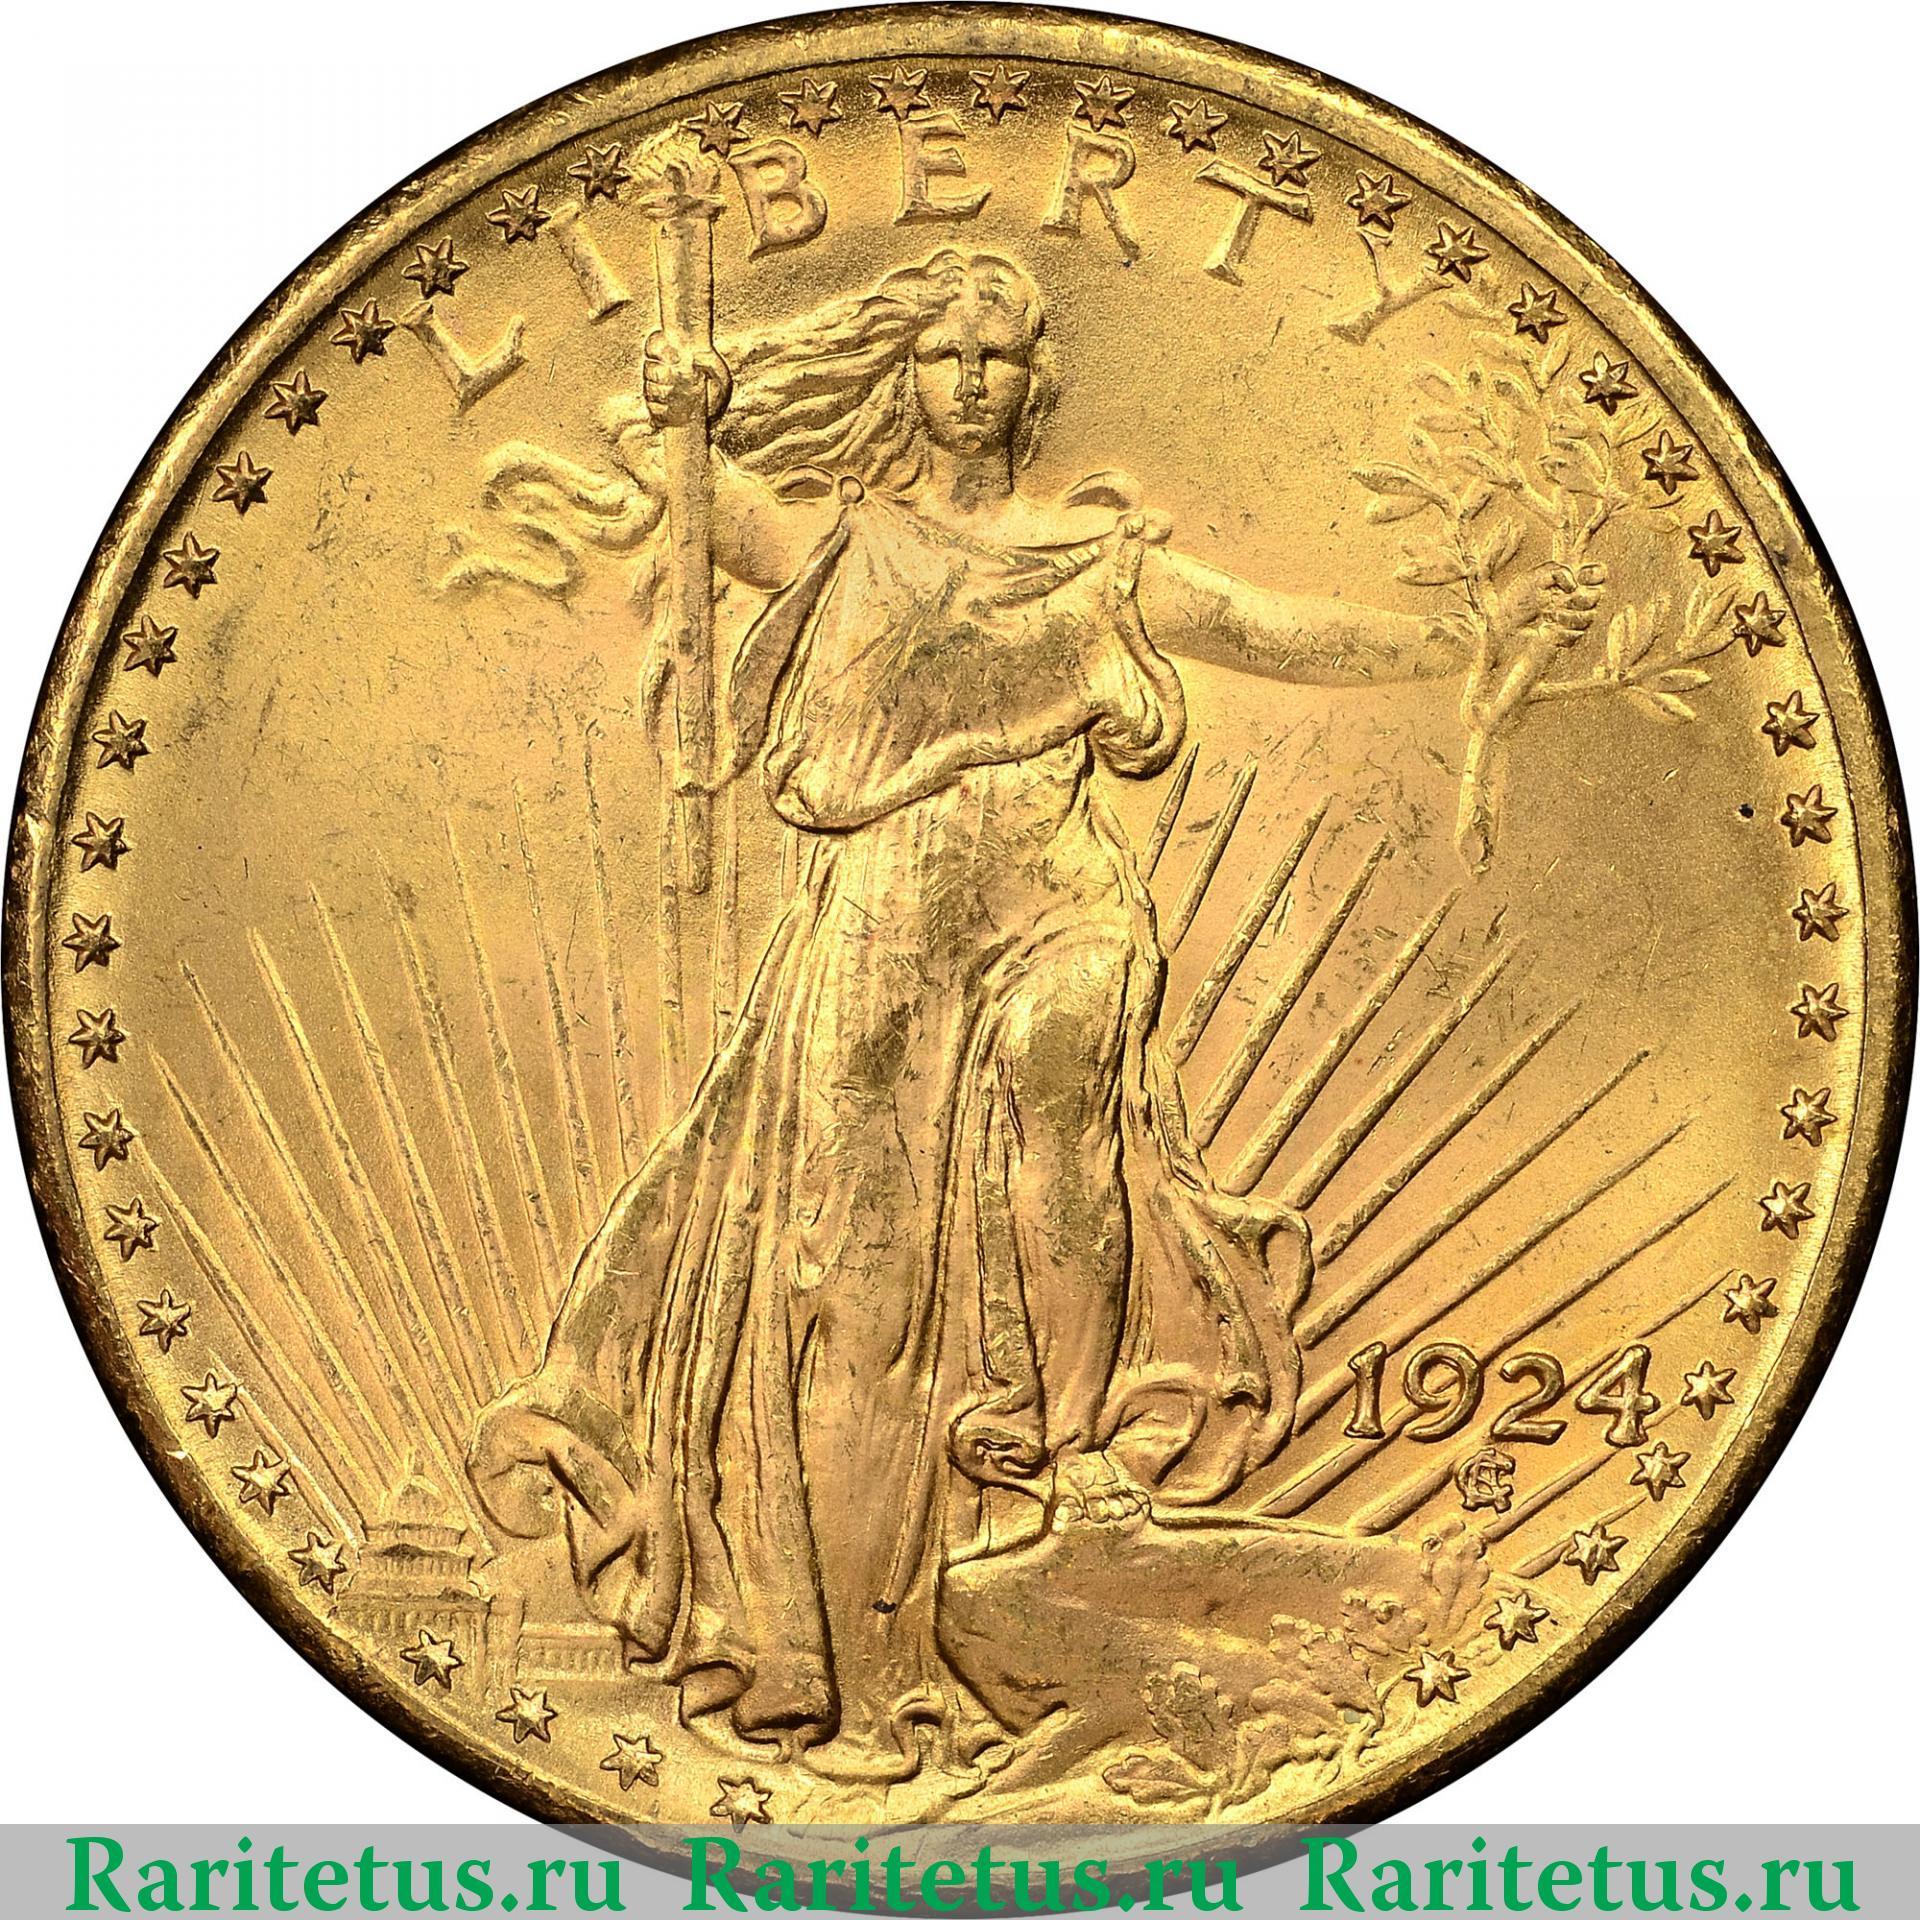 Стомост монет 1999 сент 20 монеты бутана каталог